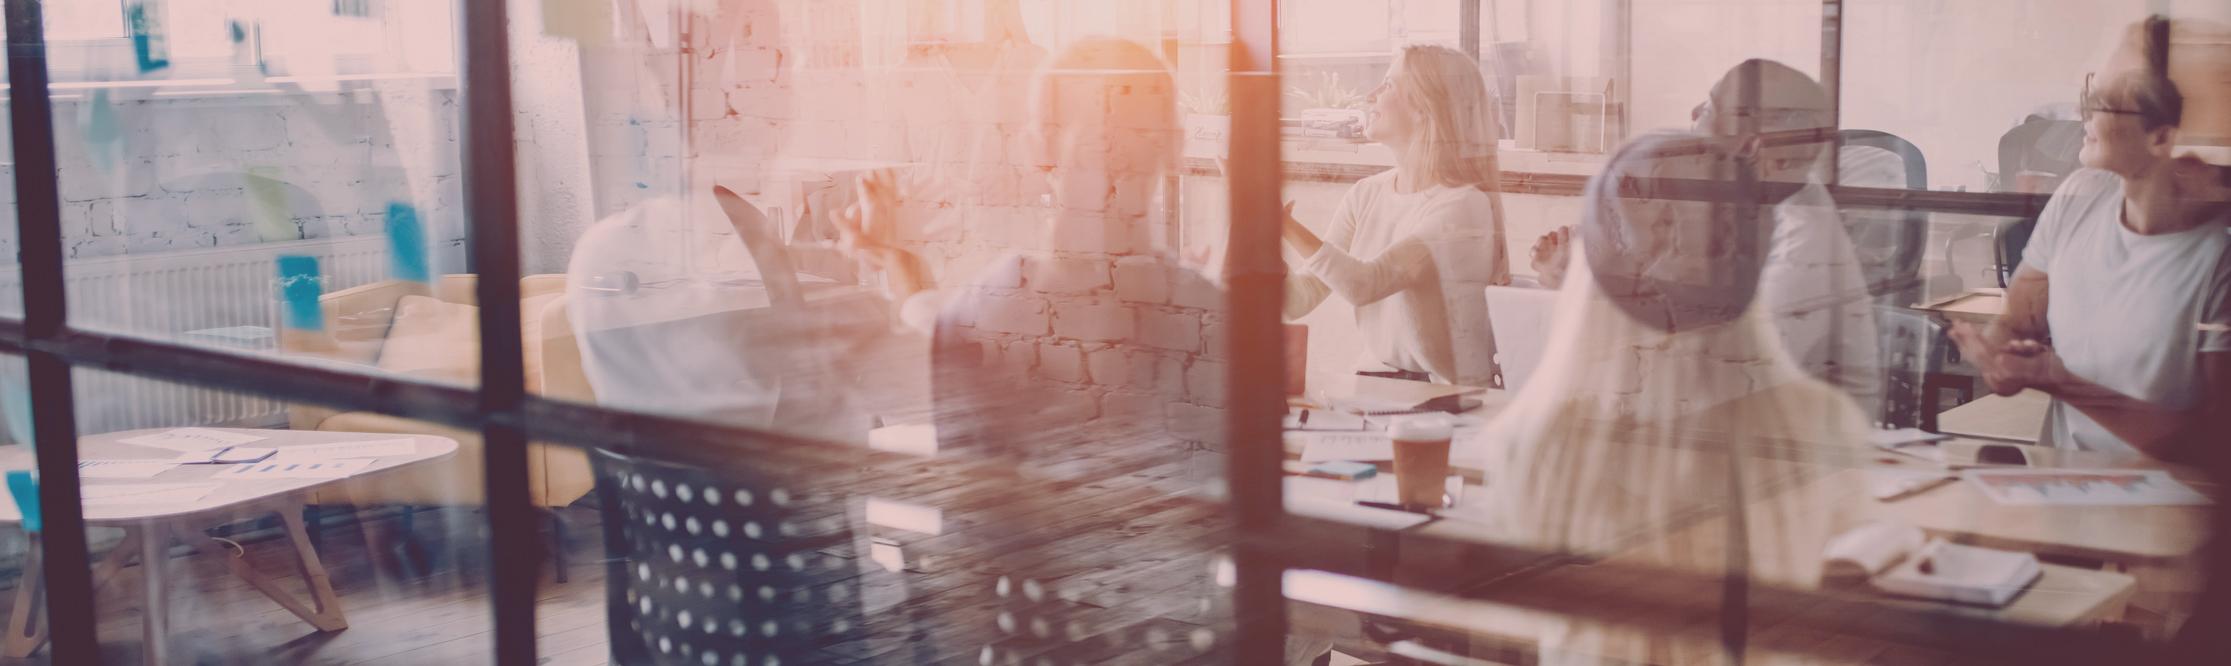 Besprechungsraum, Meeting mit Mitarbeitern